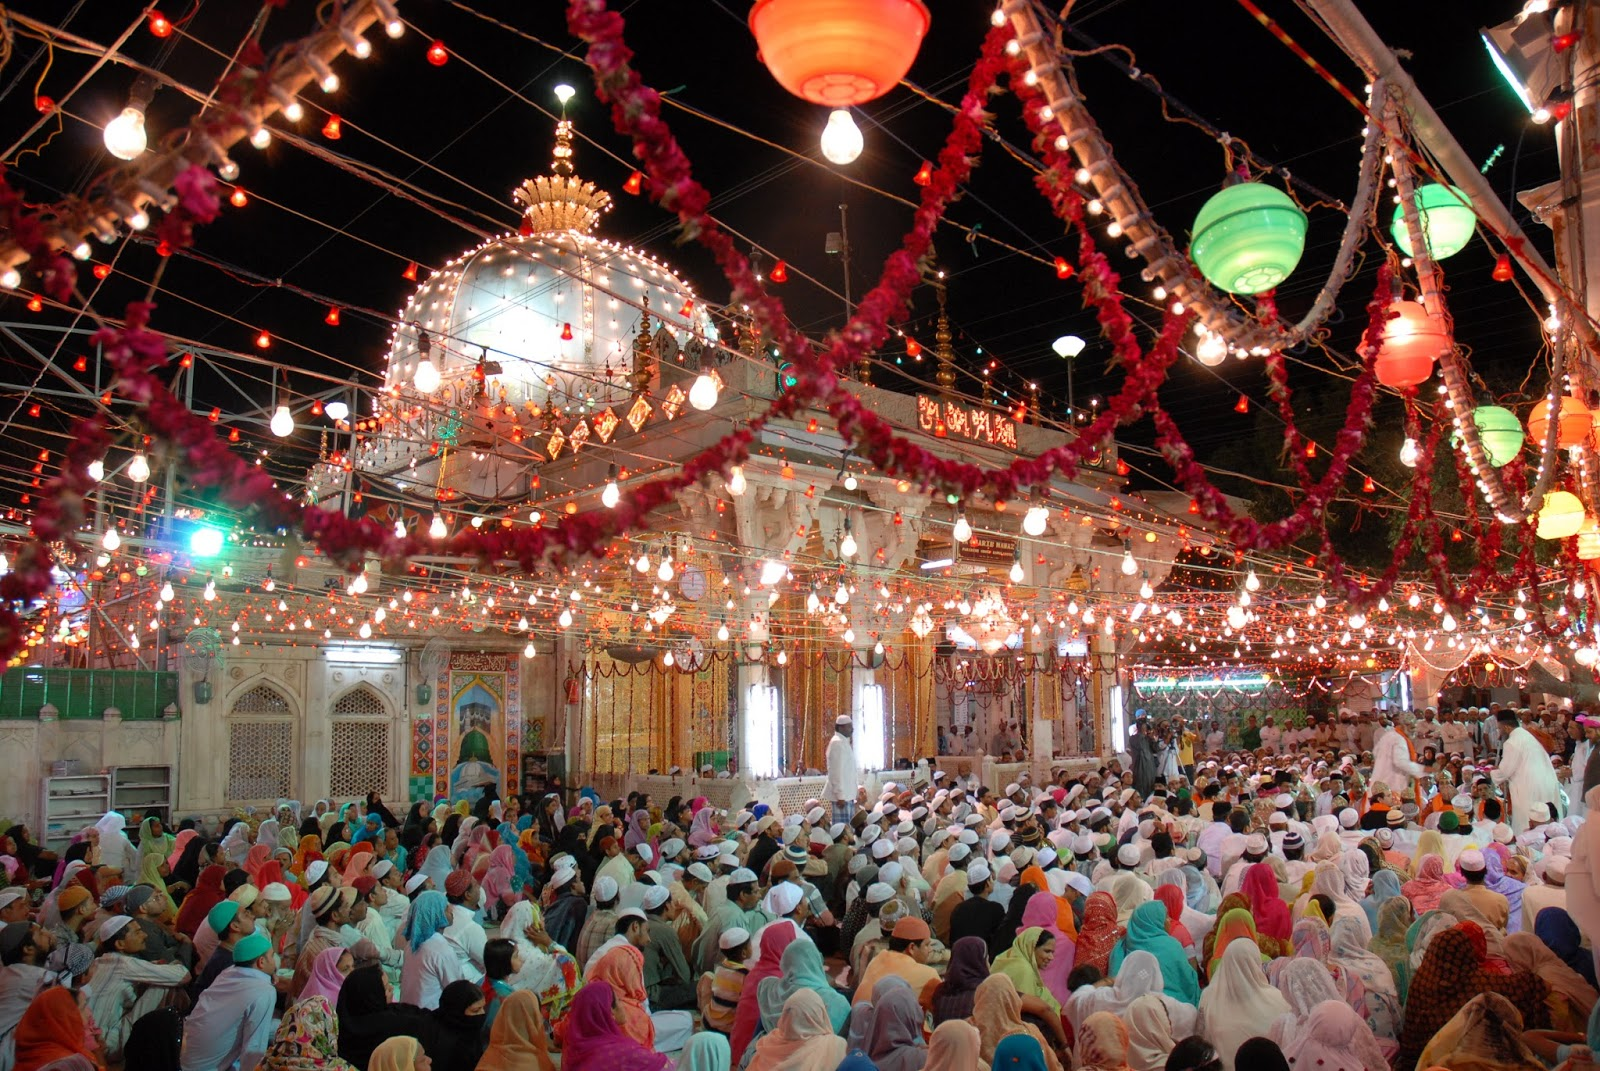 India aulias hazrat khwaja garib nawaz rahmtulla aleh hazrat khwaja garib nawaz rahmtulla aleh thecheapjerseys Images